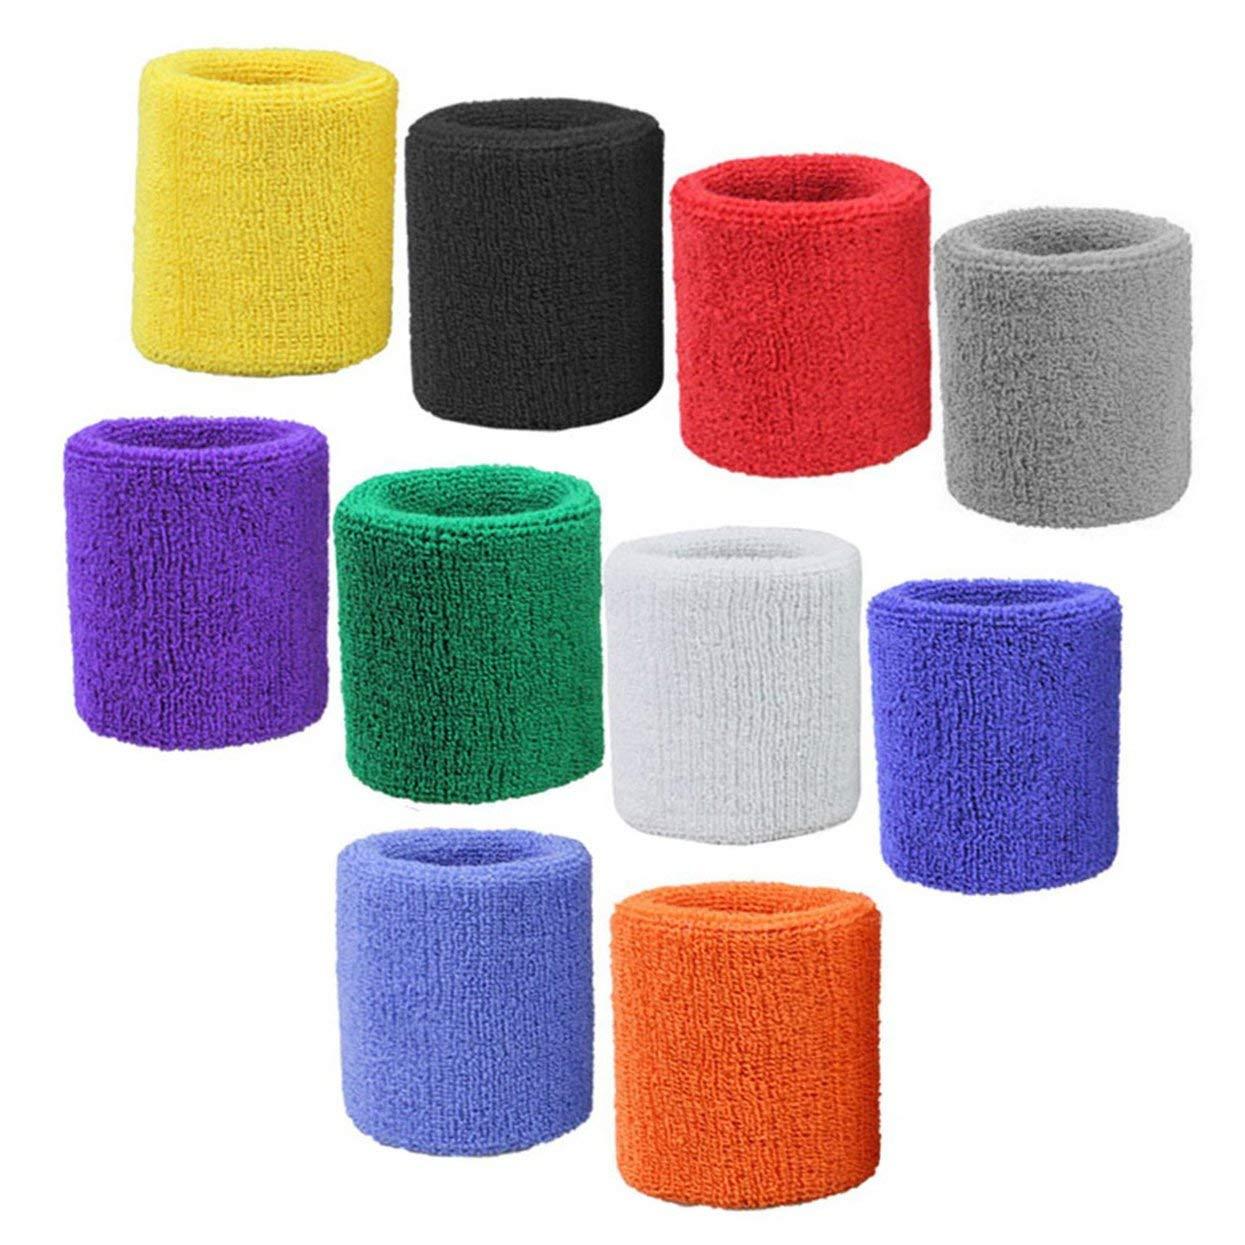 1 Paar Armb/änder aus reiner Baumwolle Weiche Handgelenkschutz-St/ützb/änder Handgelenkb/änder Sport-Schwei/ßb/änder zum Spielen von Basketball-Tennis